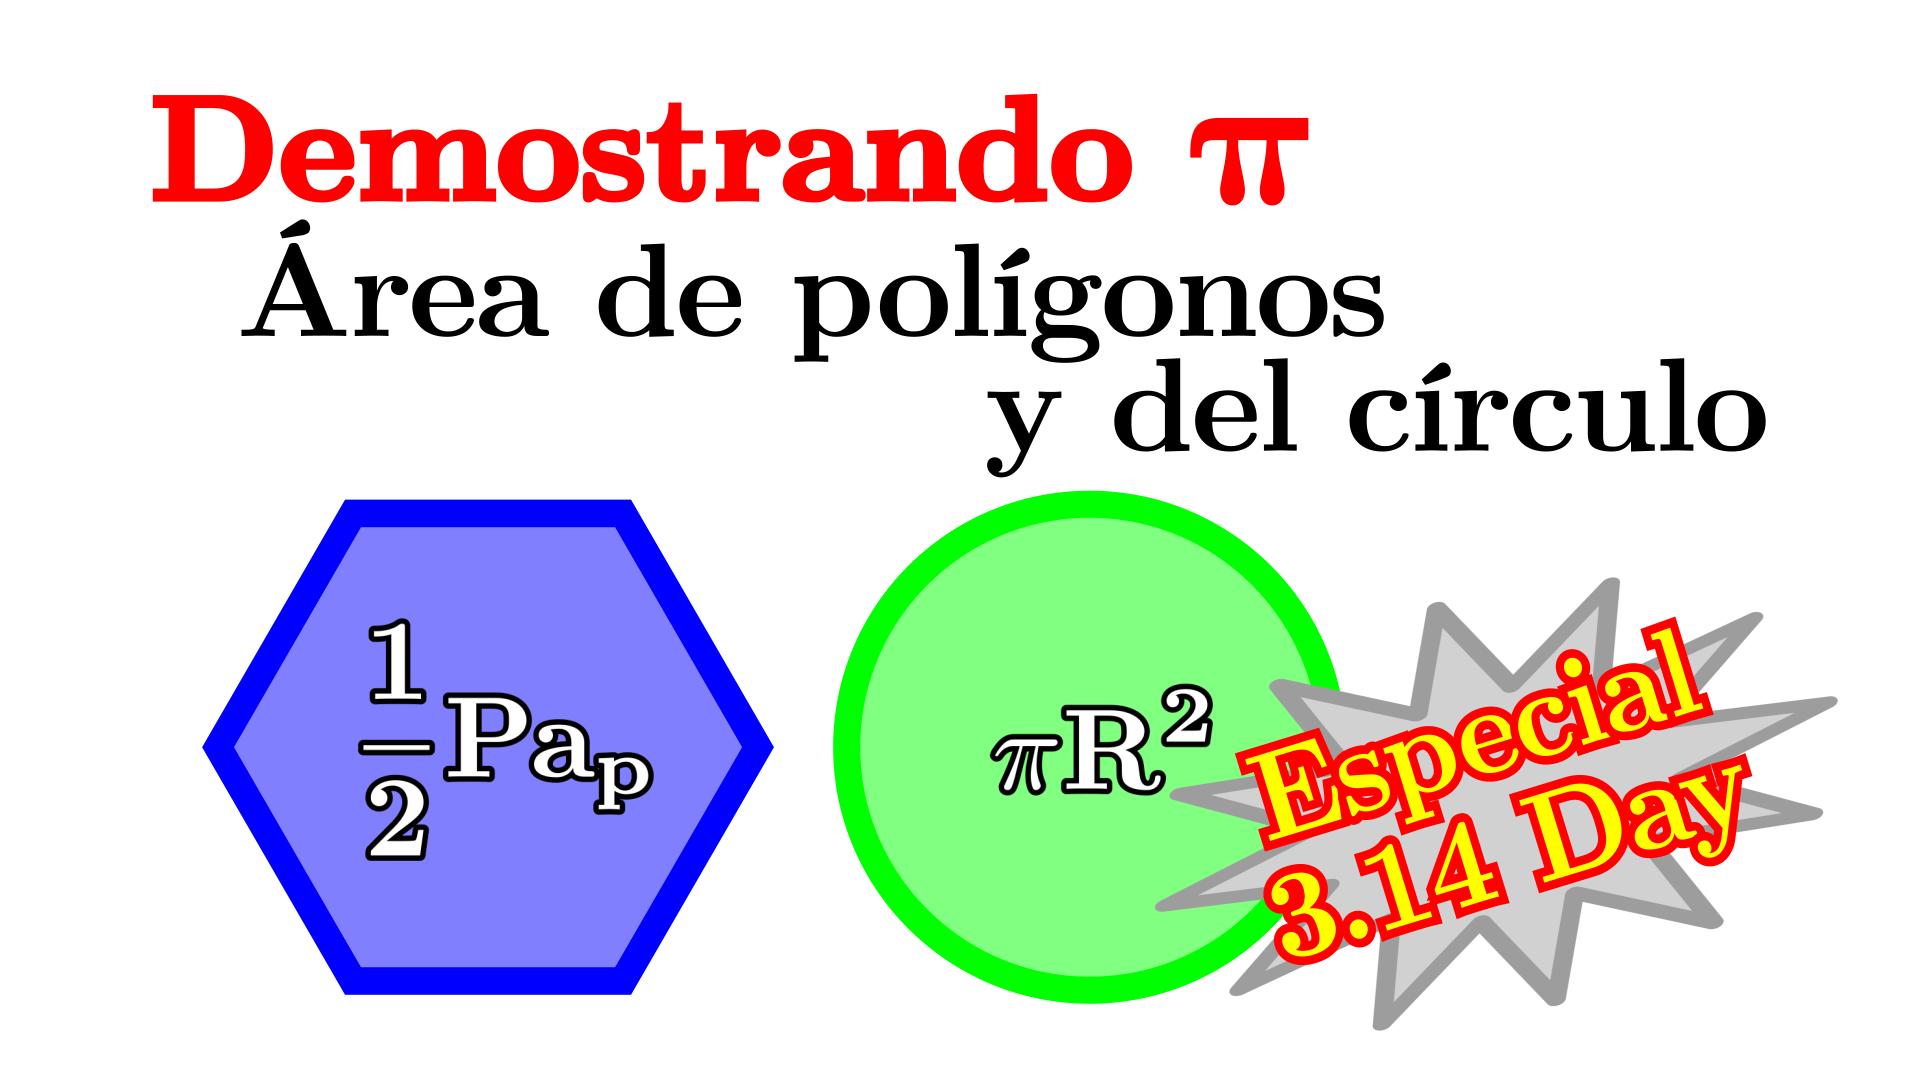 Area polígonos y circulo